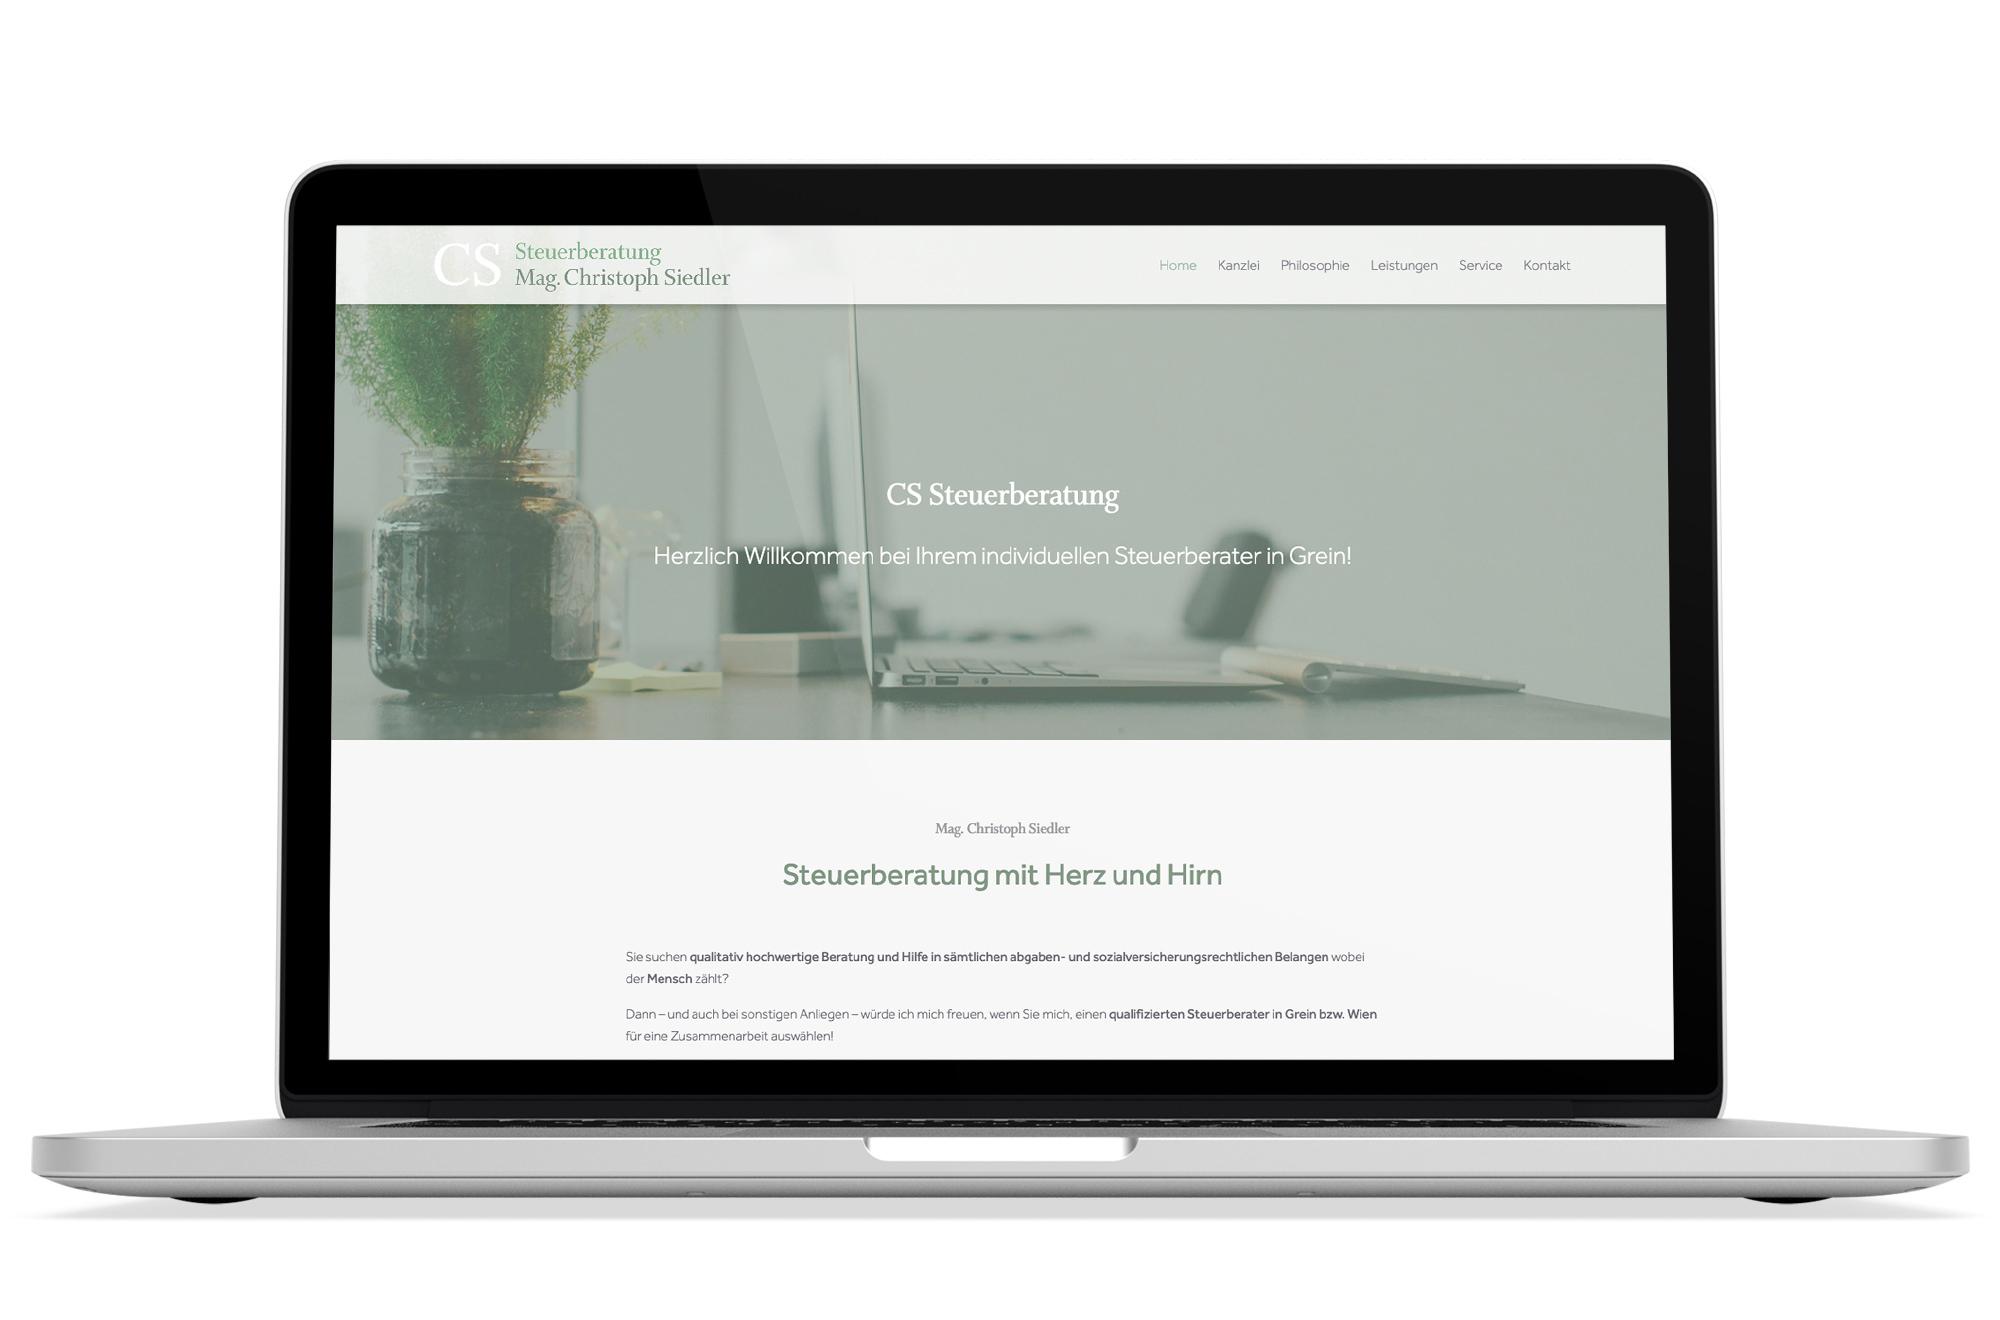 Responsive Webdesign Beispiel: Neue mobile Webseite für Steuerberater in Grein